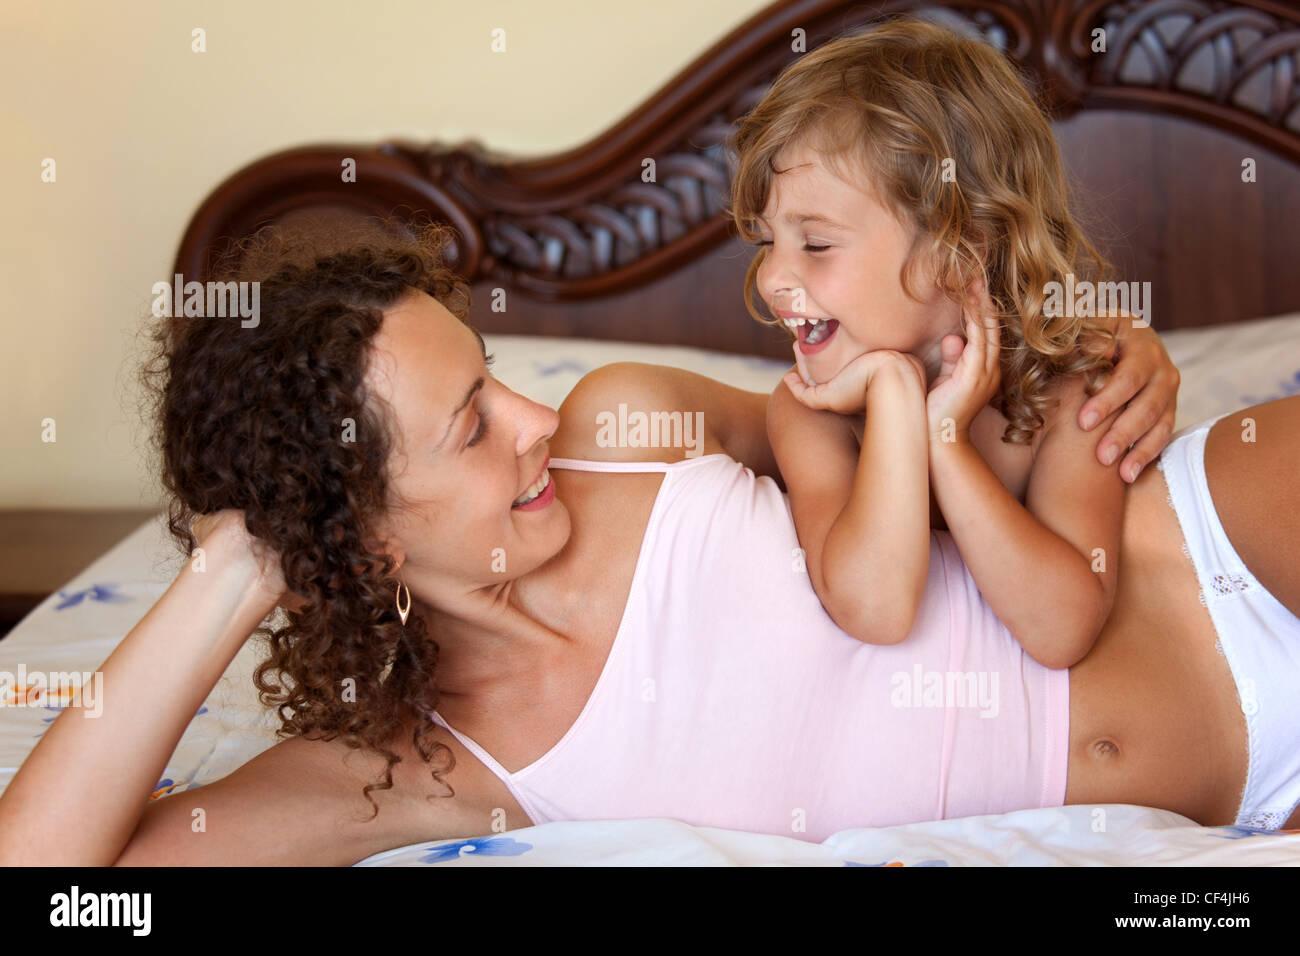 Трхнул свою маму, Как сын трахает маму уникальное видео в качестве HD 8 фотография